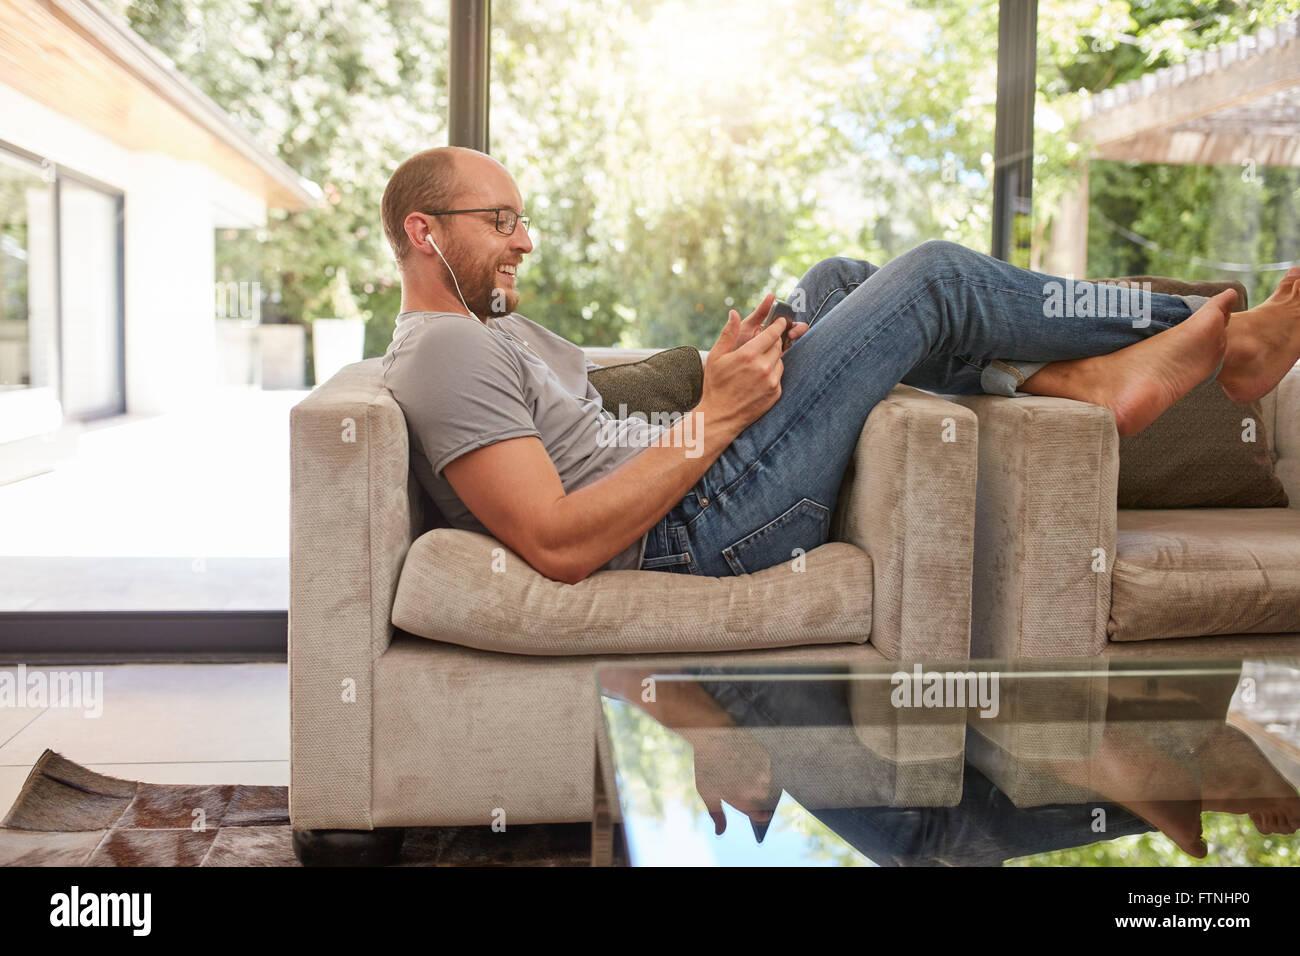 Vista lateral de la imagen de un hombre maduro feliz mediante tableta digital mientras está sentado en el sofá Imagen De Stock